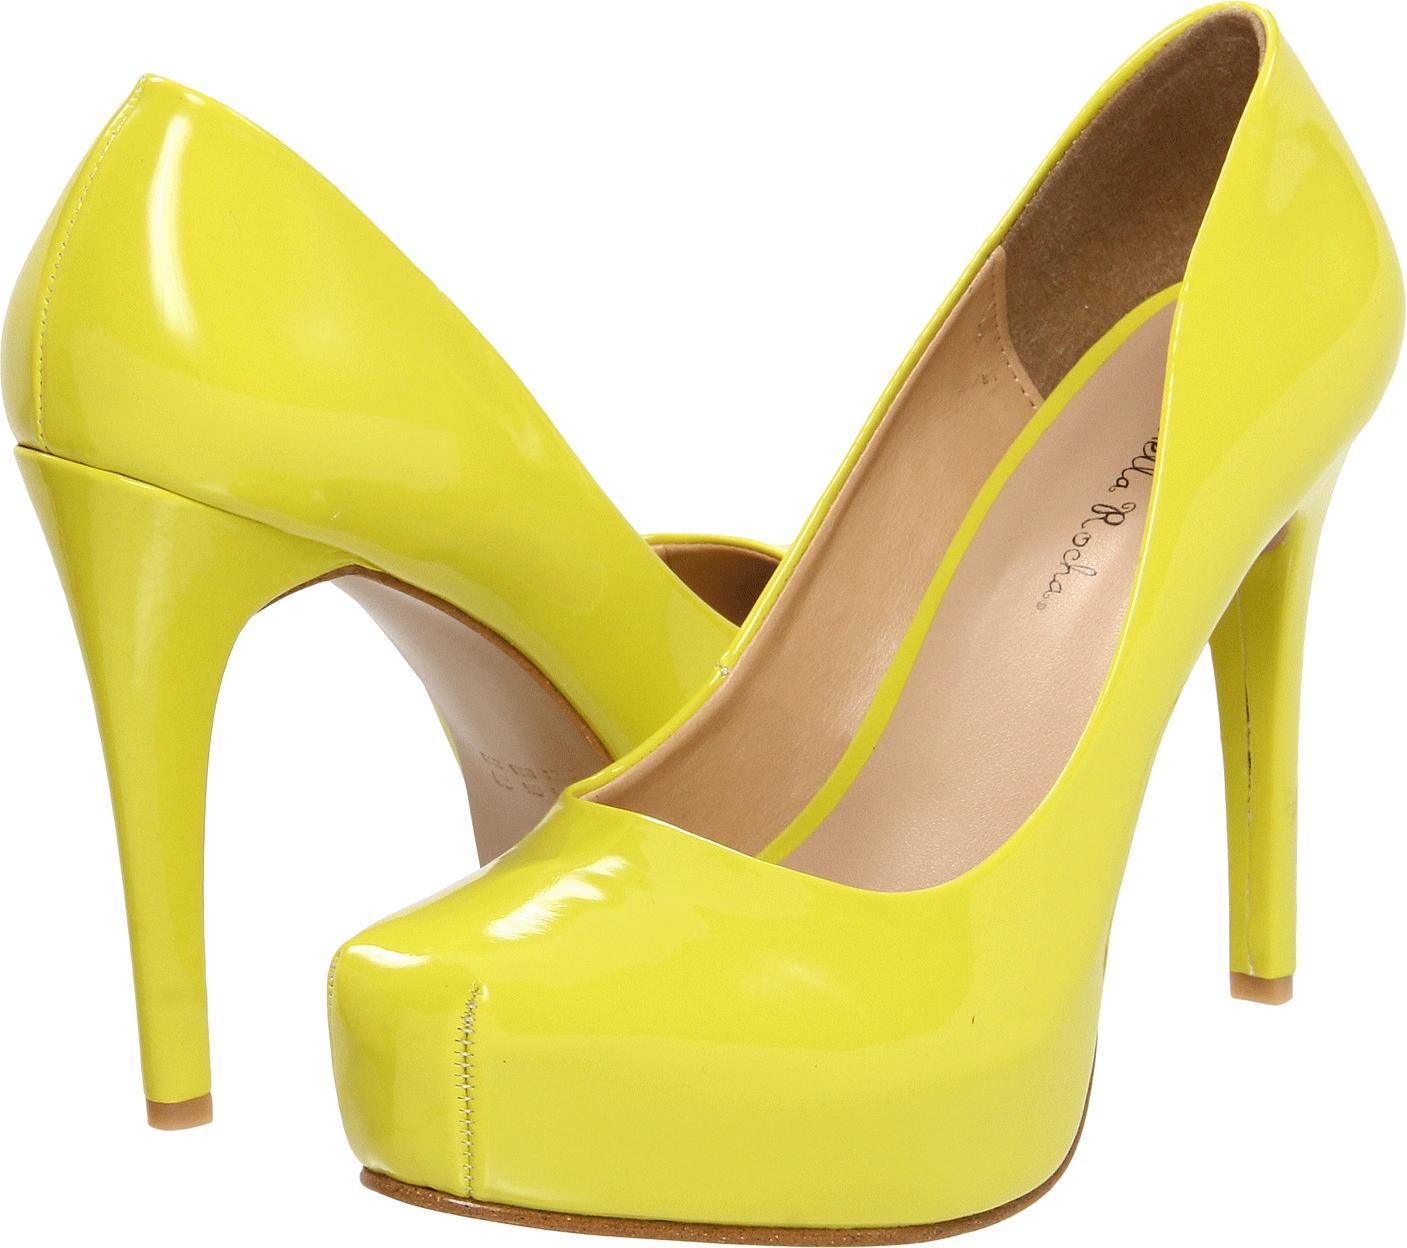 Heels clipart lady footwear. Yellow women shoe png